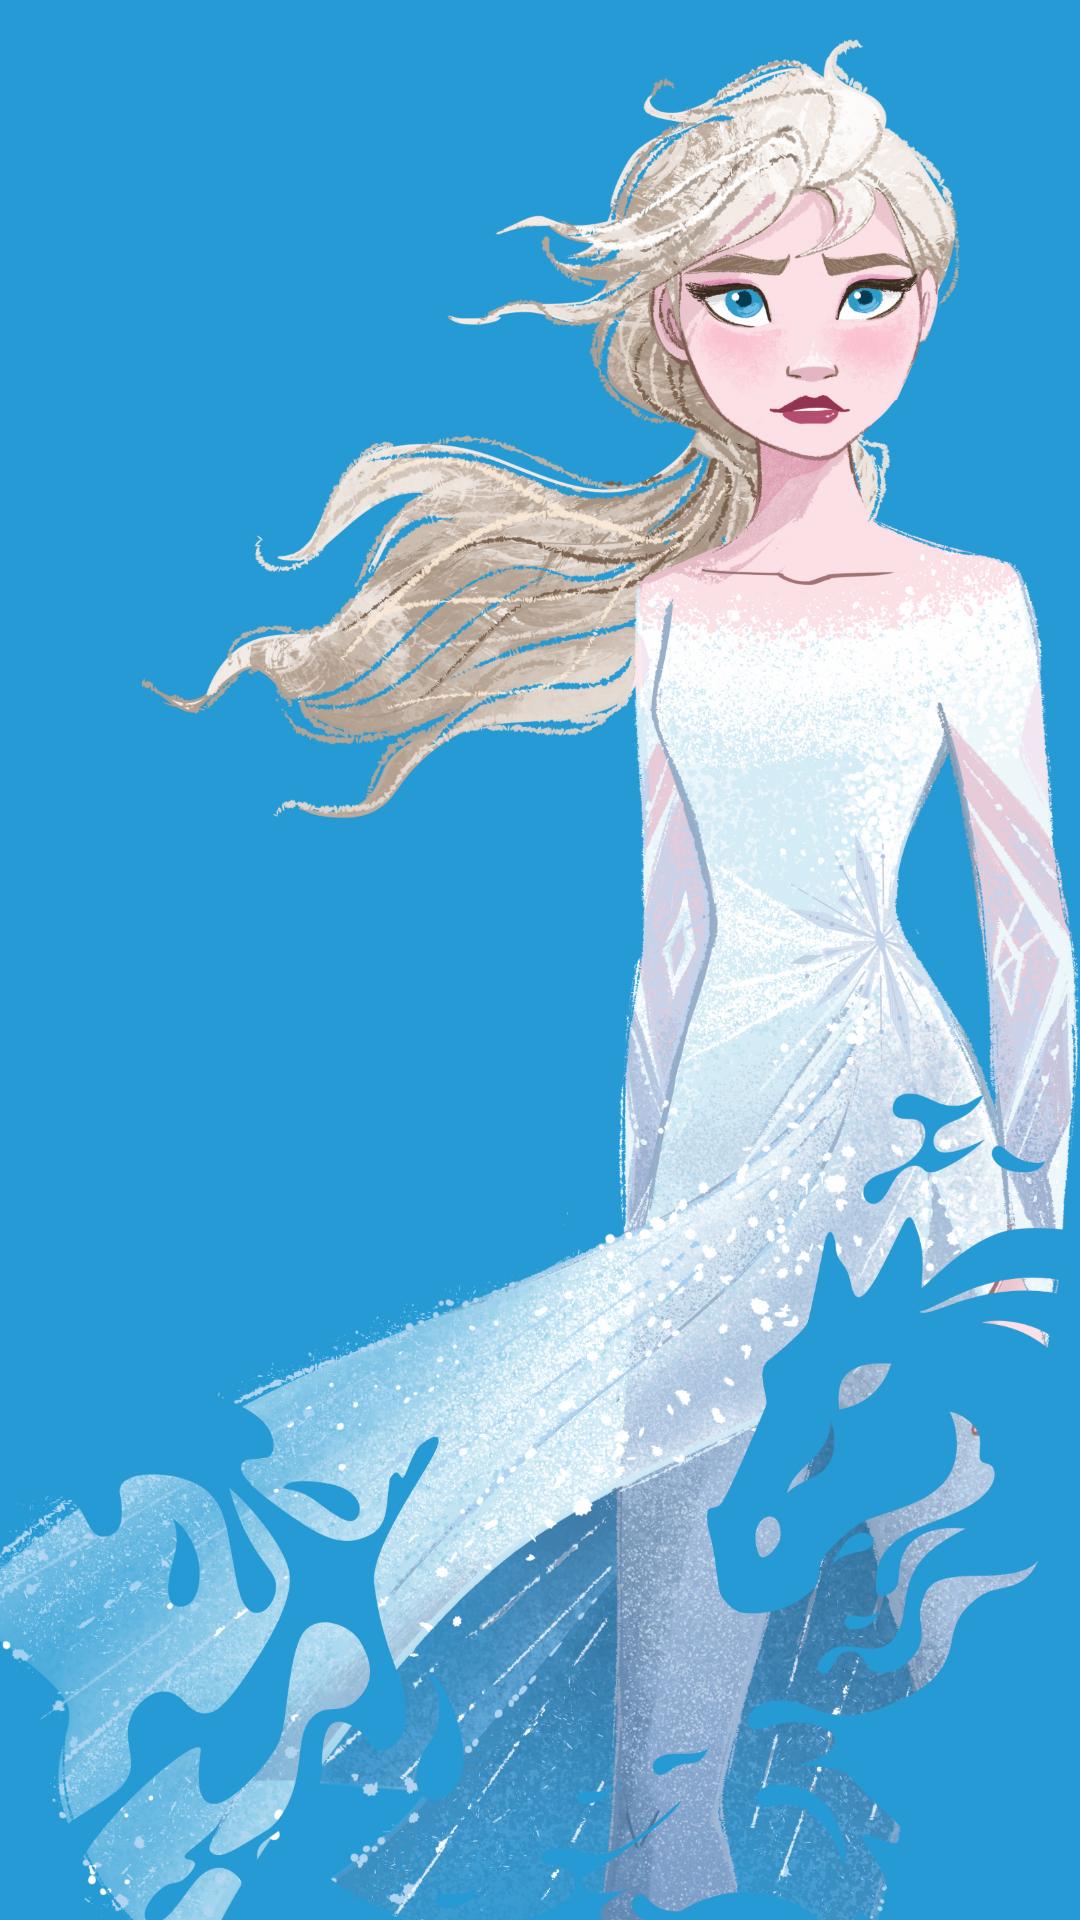 Elsa Phone Wallpaper - Frozen 2 Elsa Nokk - HD Wallpaper